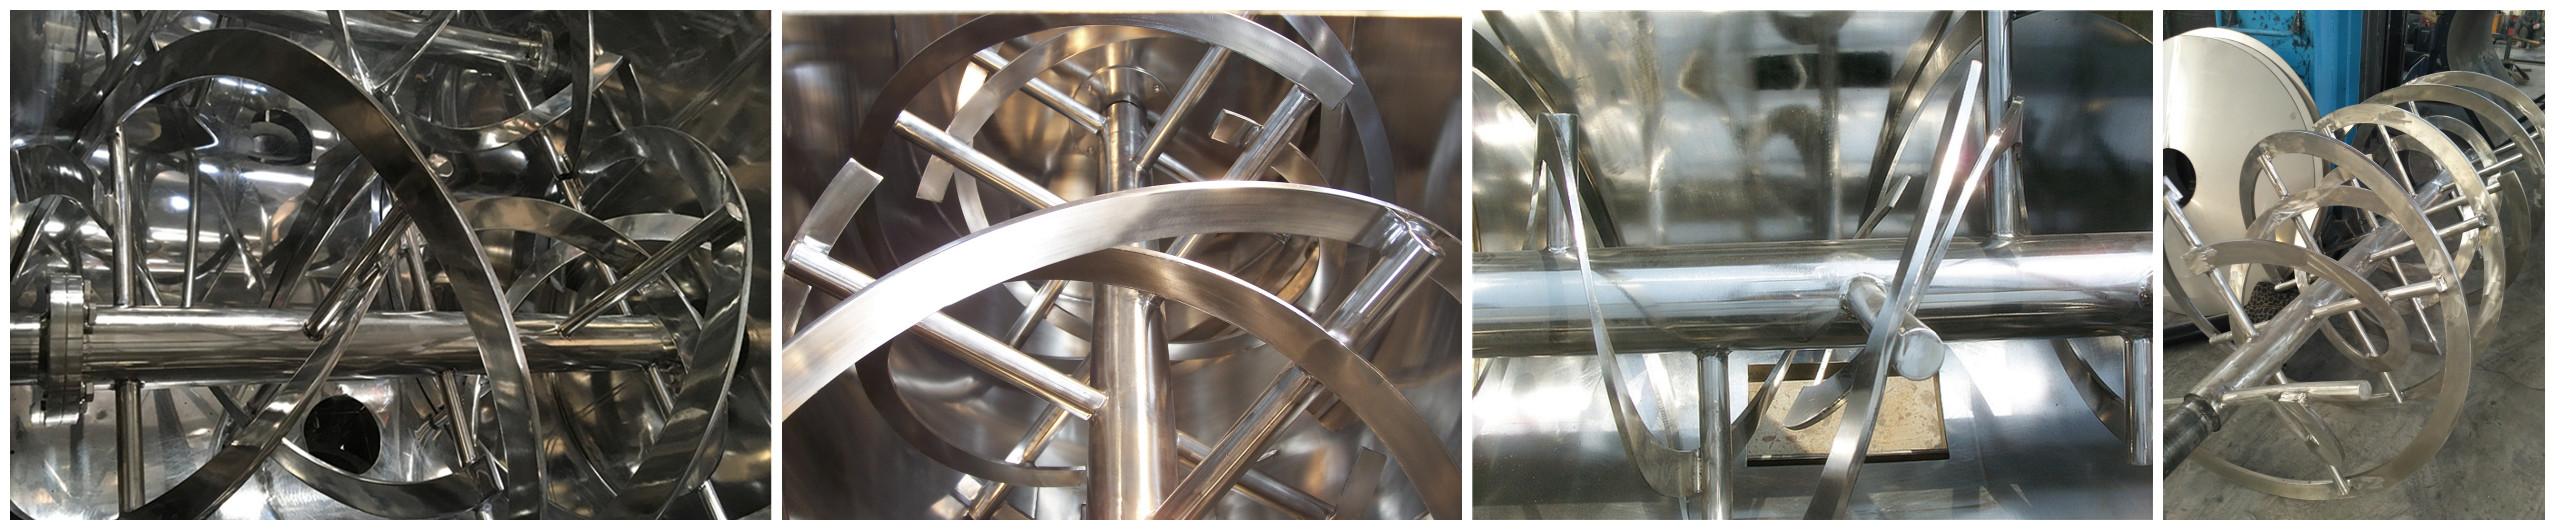 Dry gypsum powder horizontal paddle mixer double shaft paddle mixer